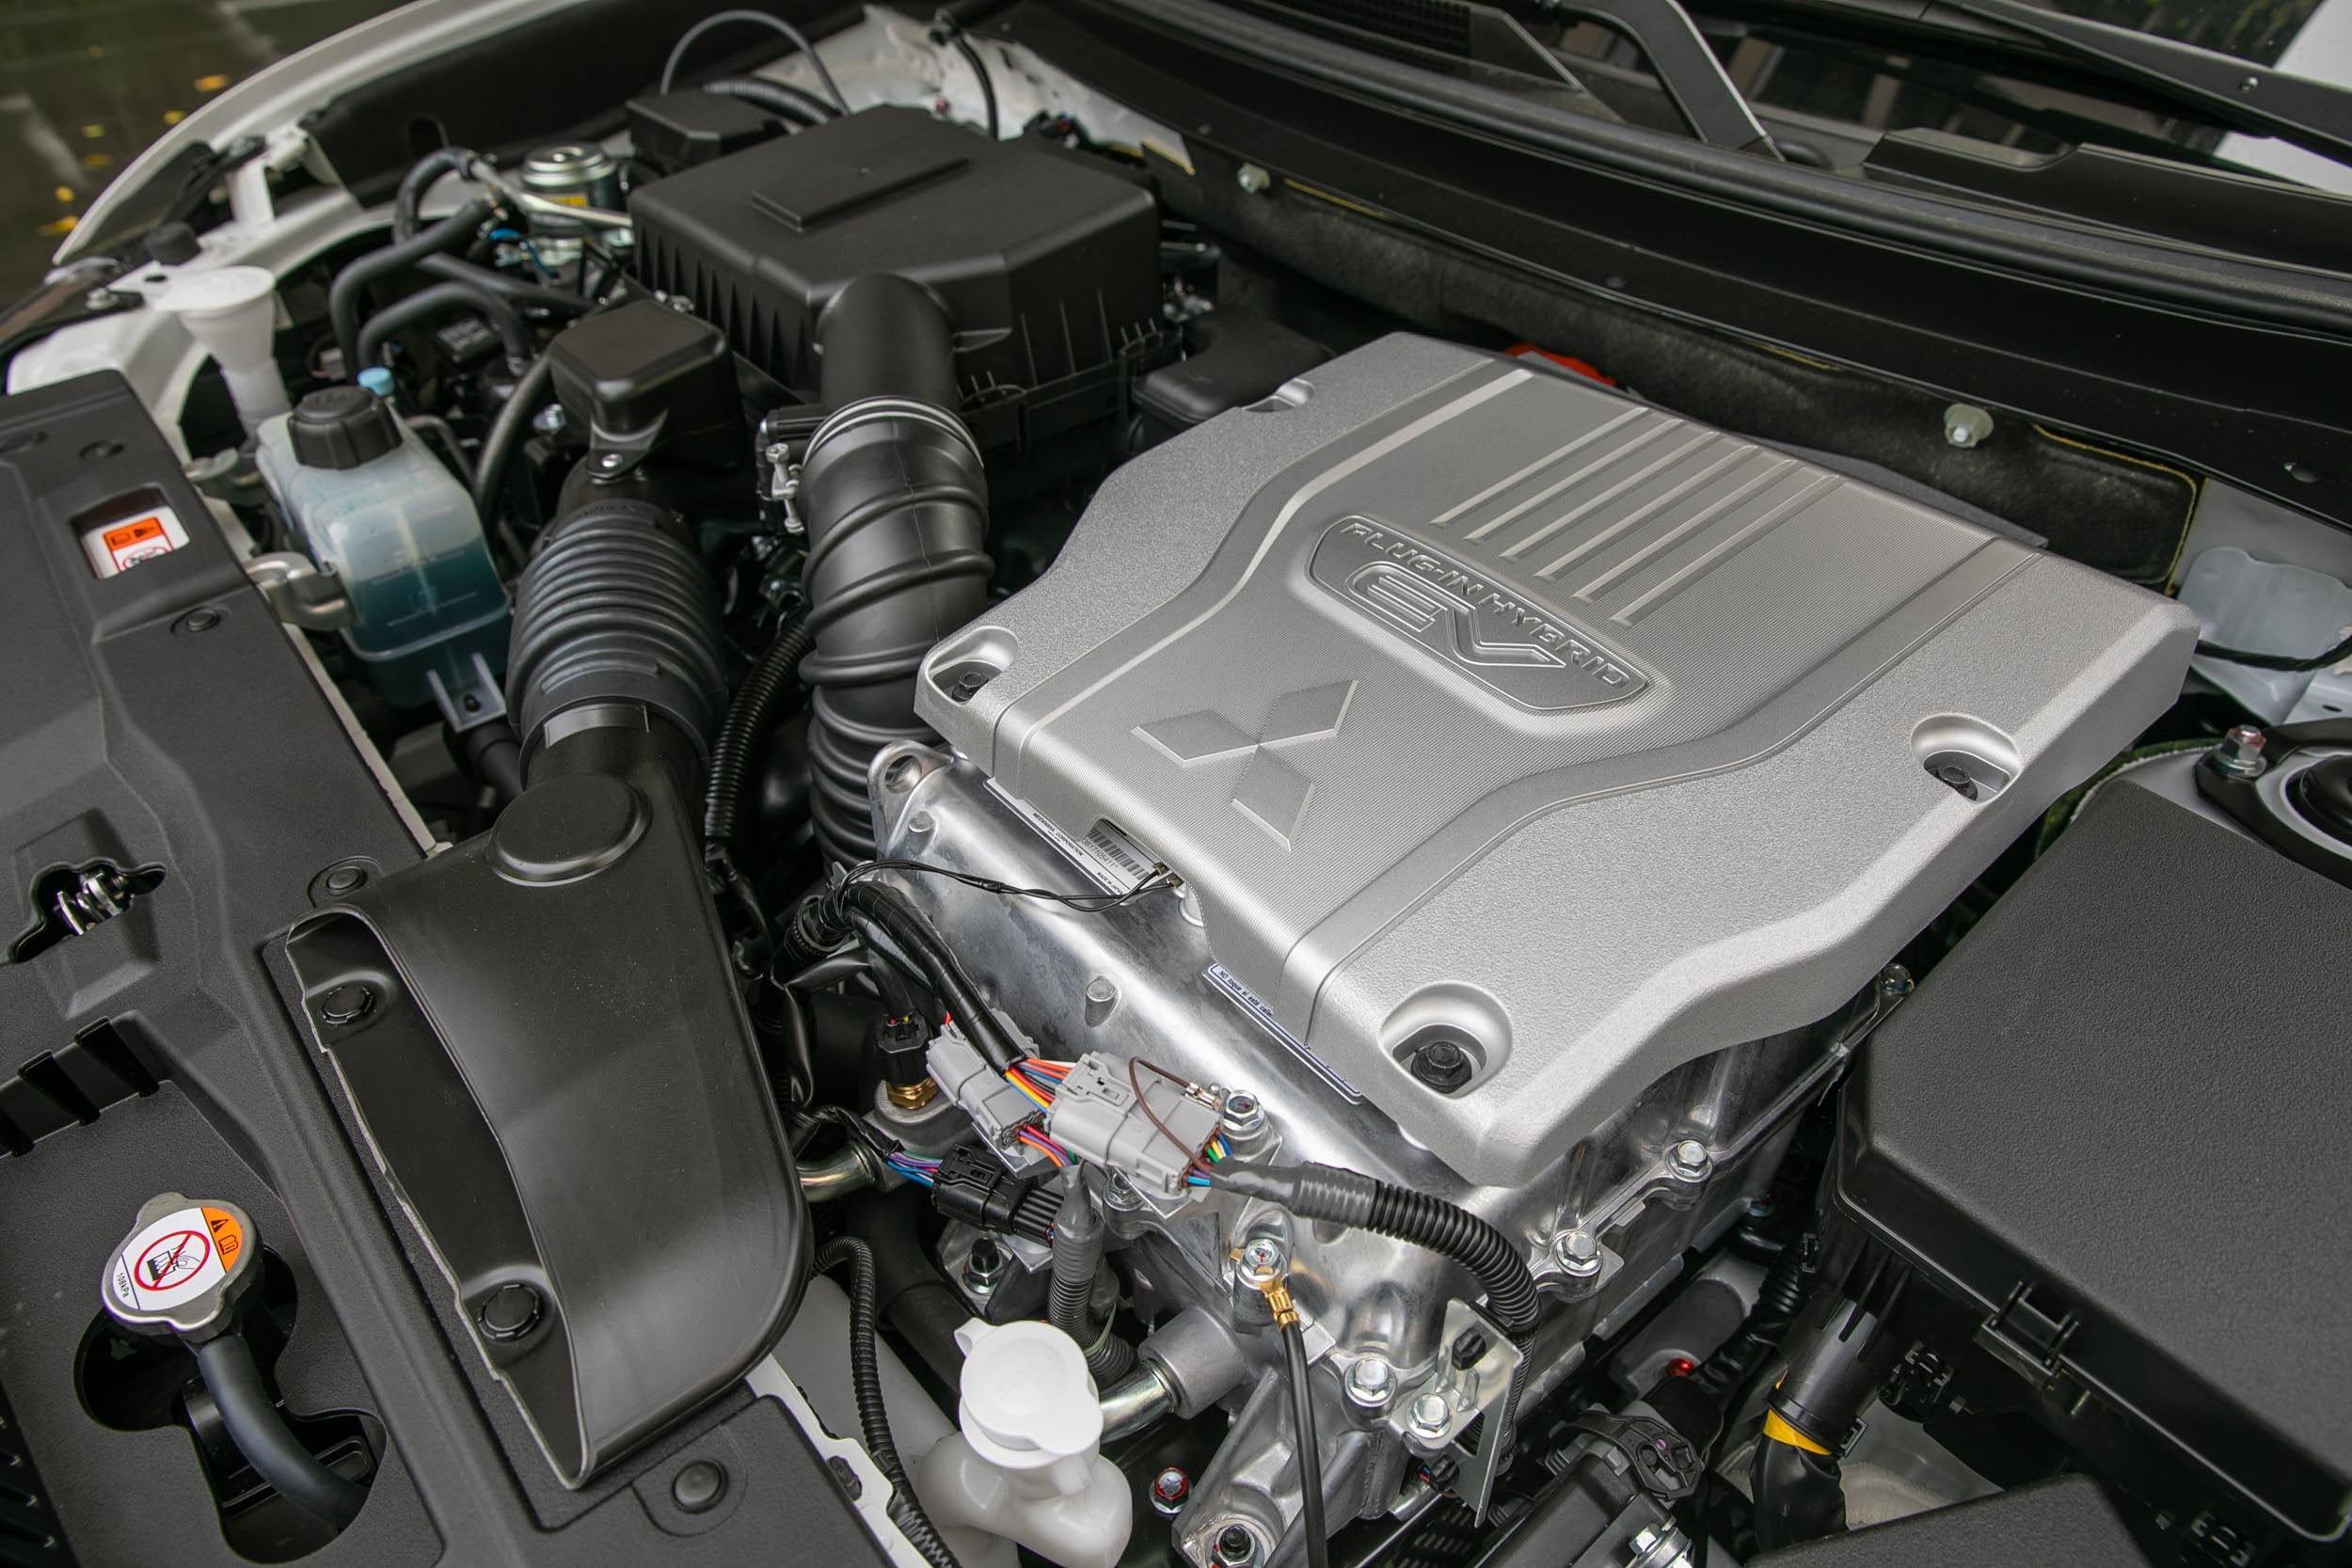 Outlander PHEV換上了以阿金森循環的2.4升直列四缸汽油引擎,馬力輸出提升到134.6ps/21.5kgm。